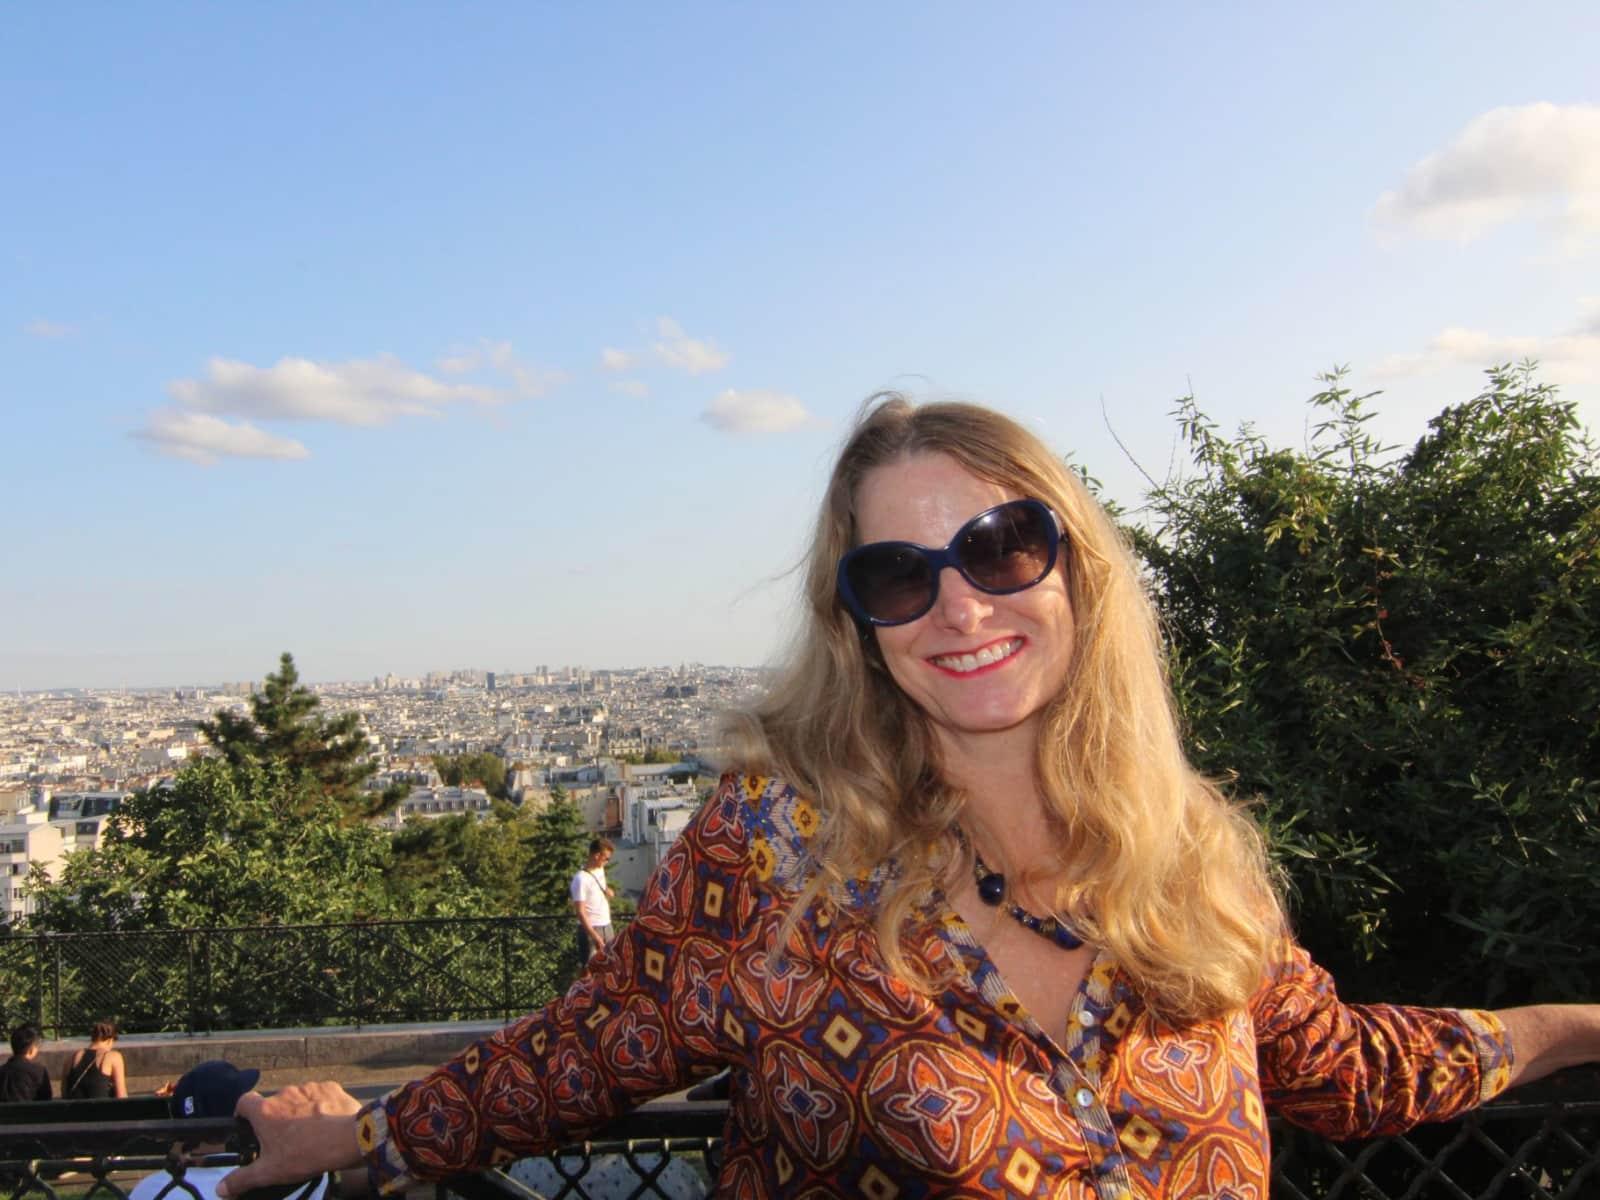 Julie from Seattle, Washington, United States